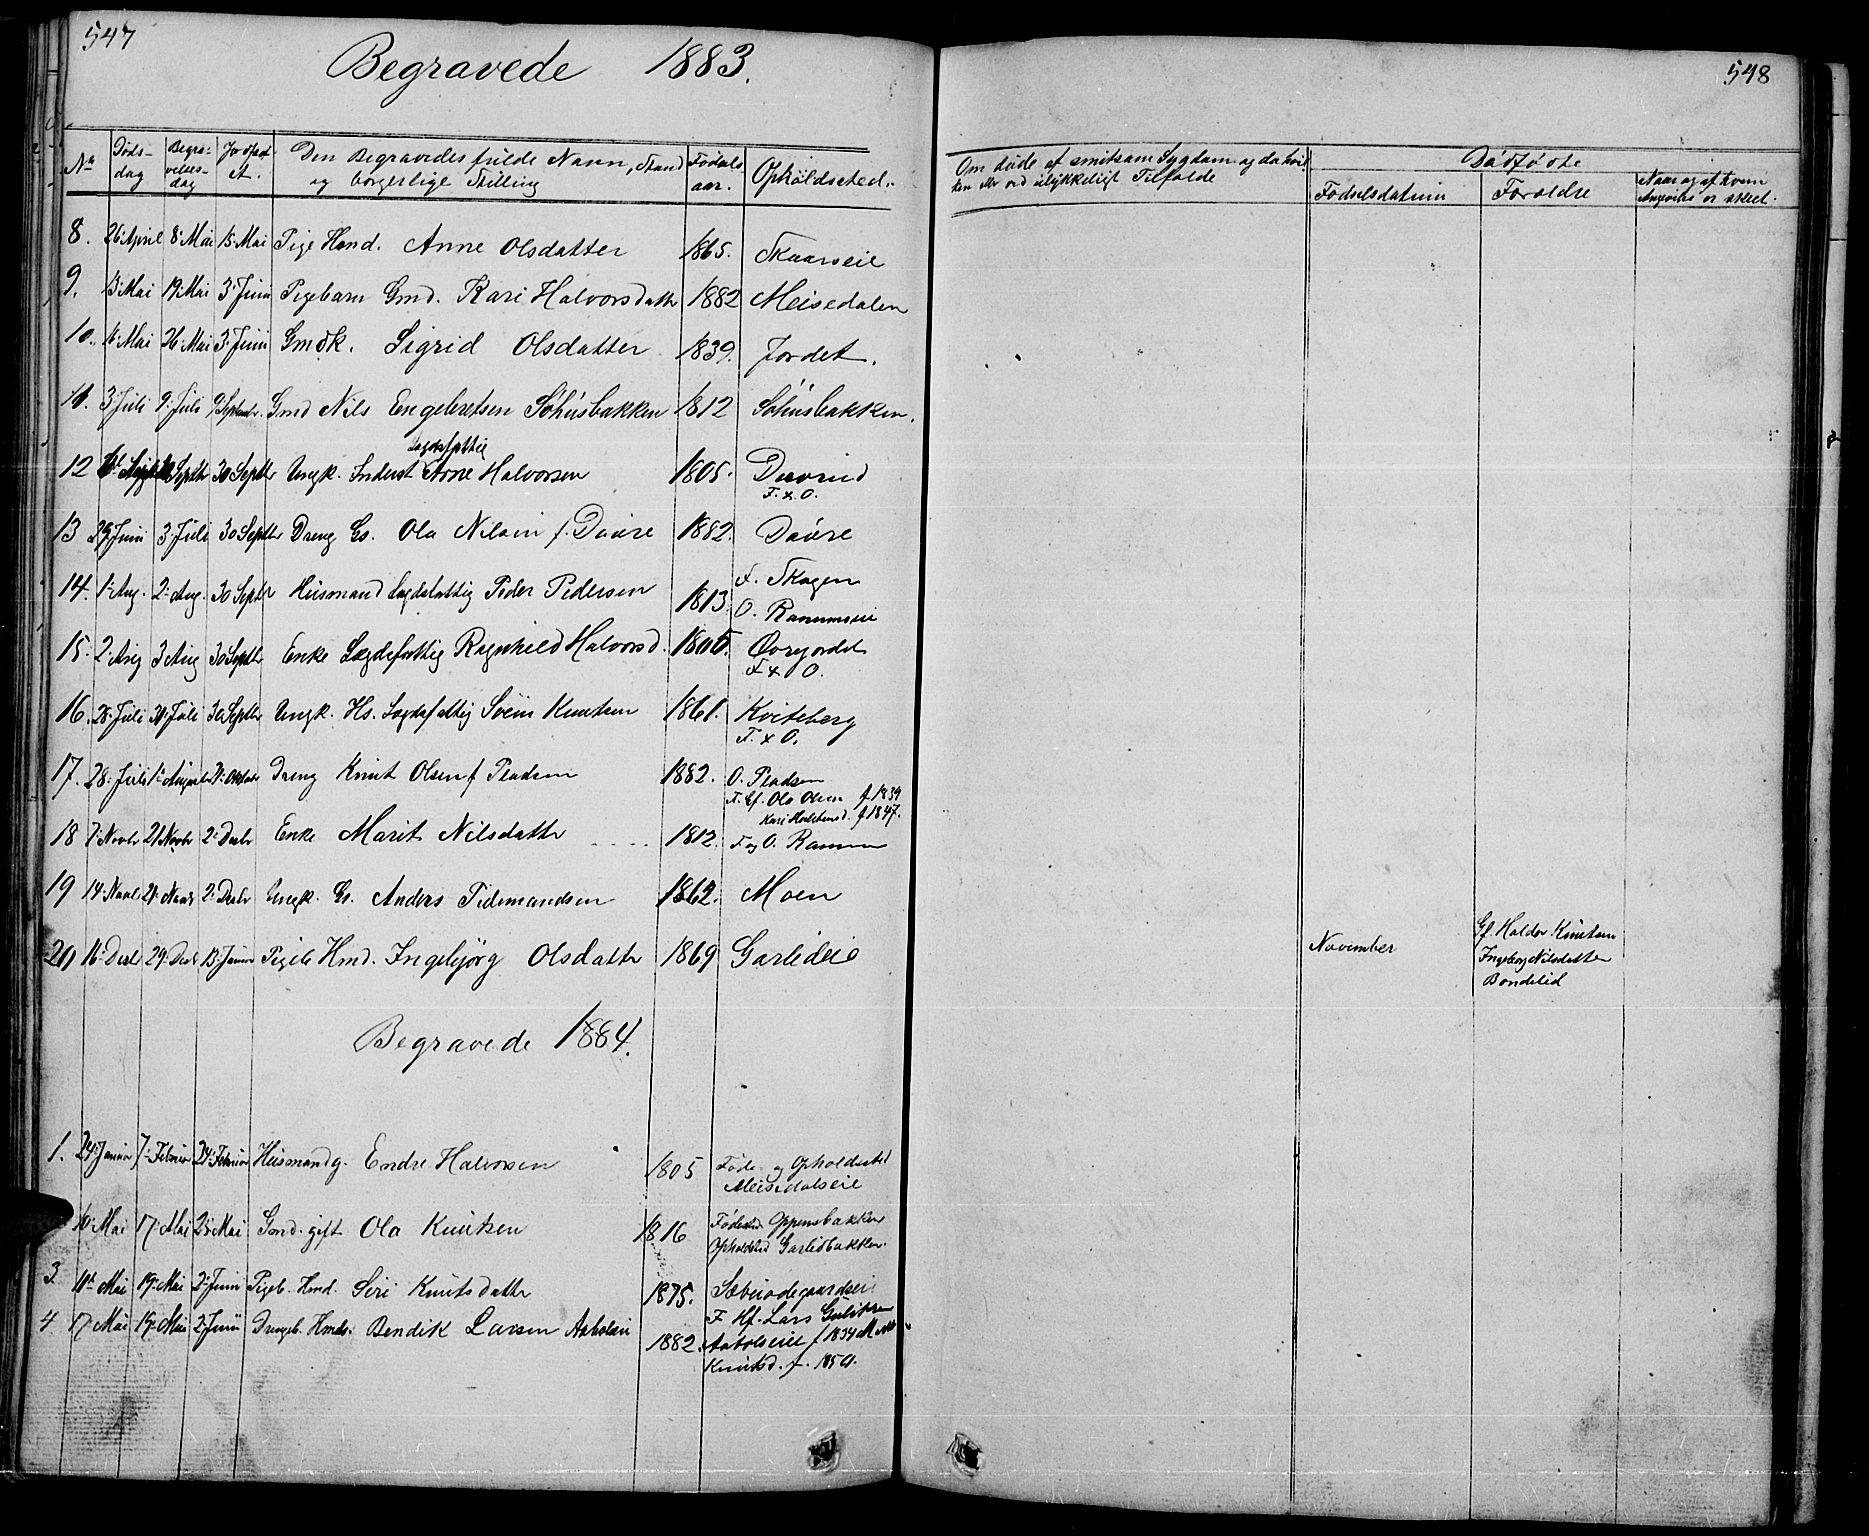 SAH, Nord-Aurdal prestekontor, Klokkerbok nr. 1, 1834-1887, s. 547-548